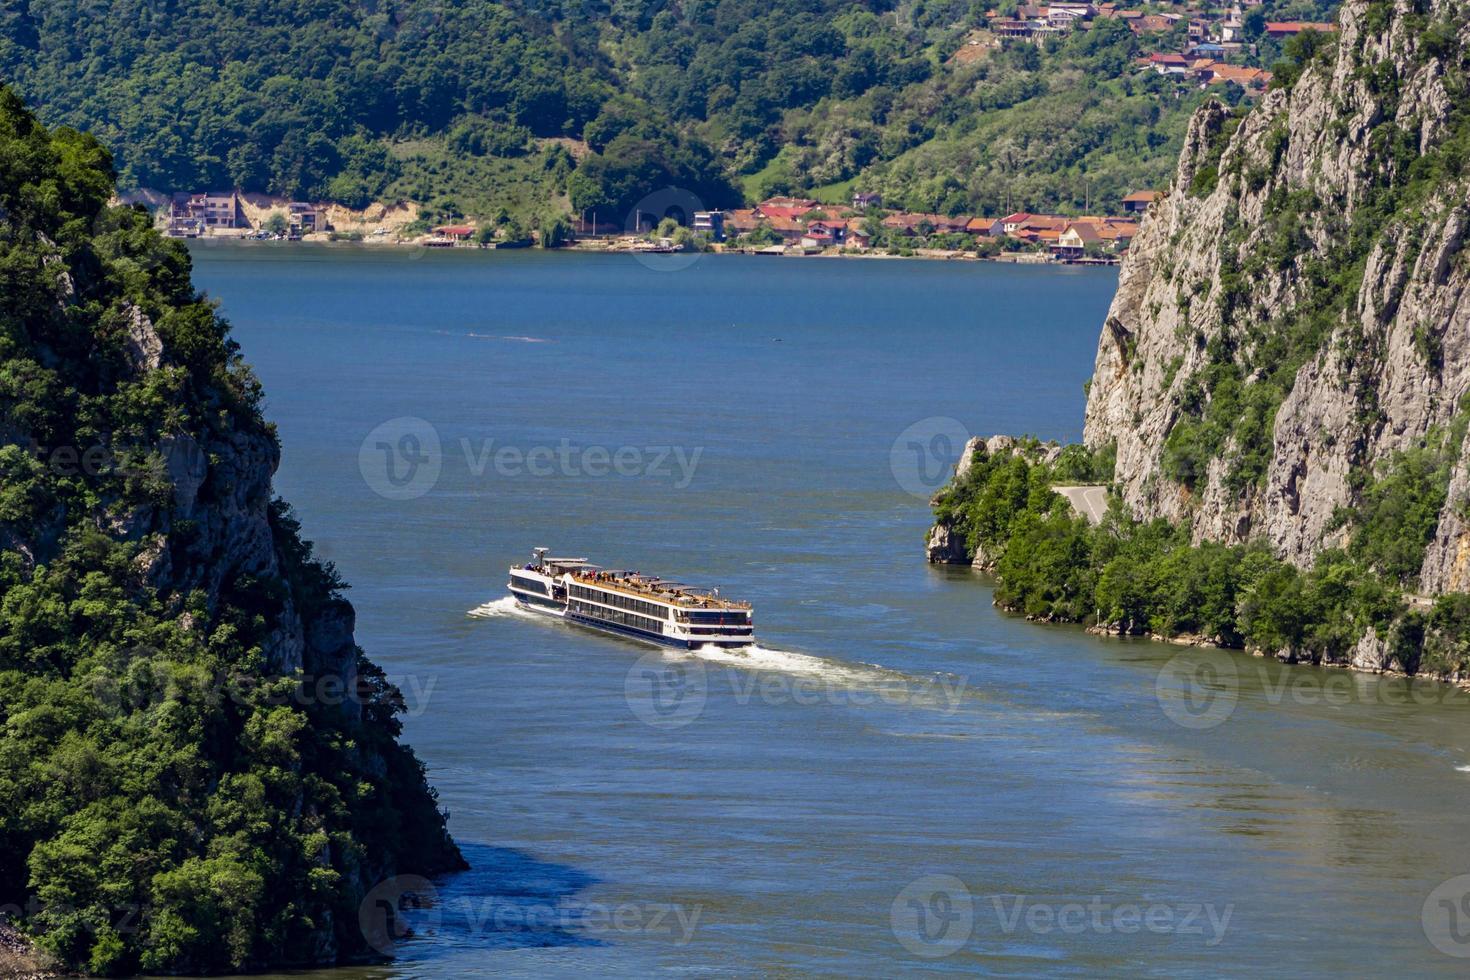 kryssningsfartyg på Donaufloden i järngrindarna, även känd som djerdapklyftor i Serbien foto